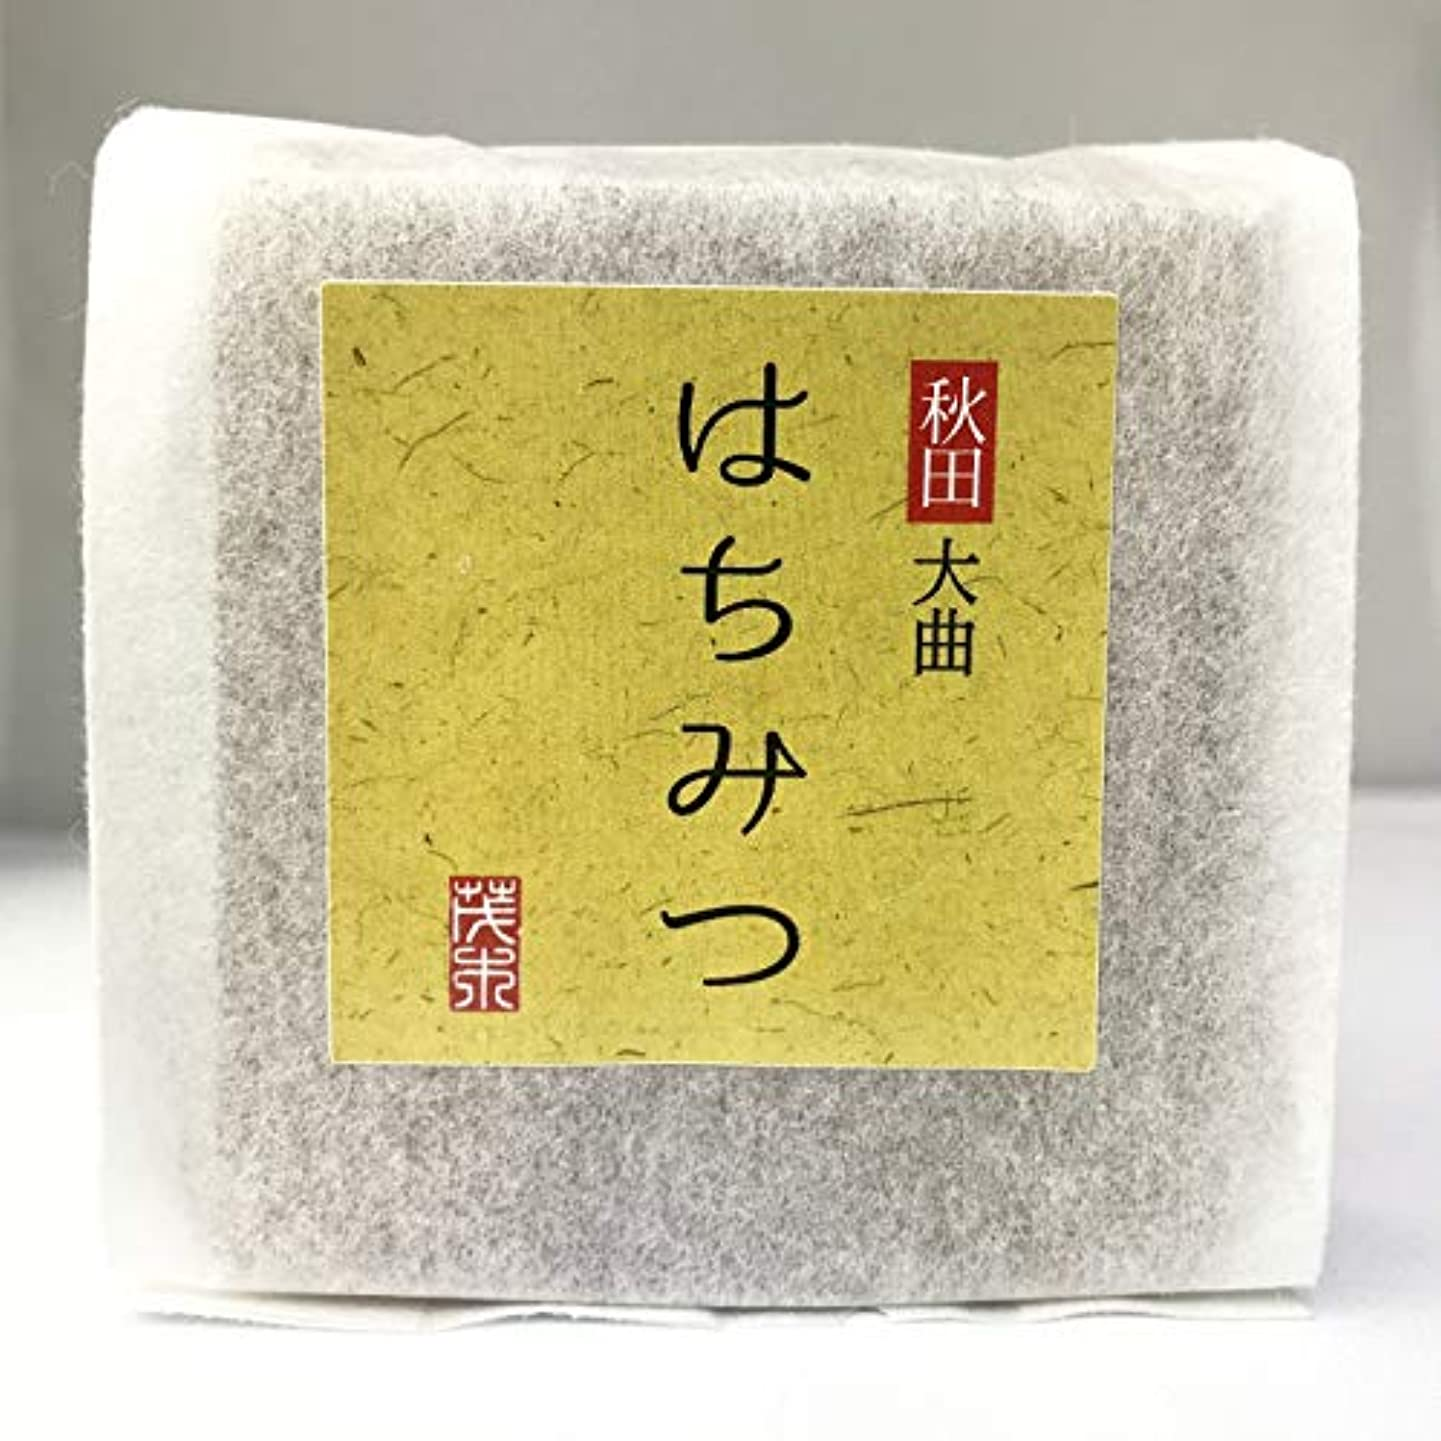 制限するヒープ害虫無添加石鹸 はちみつ石鹸 100g